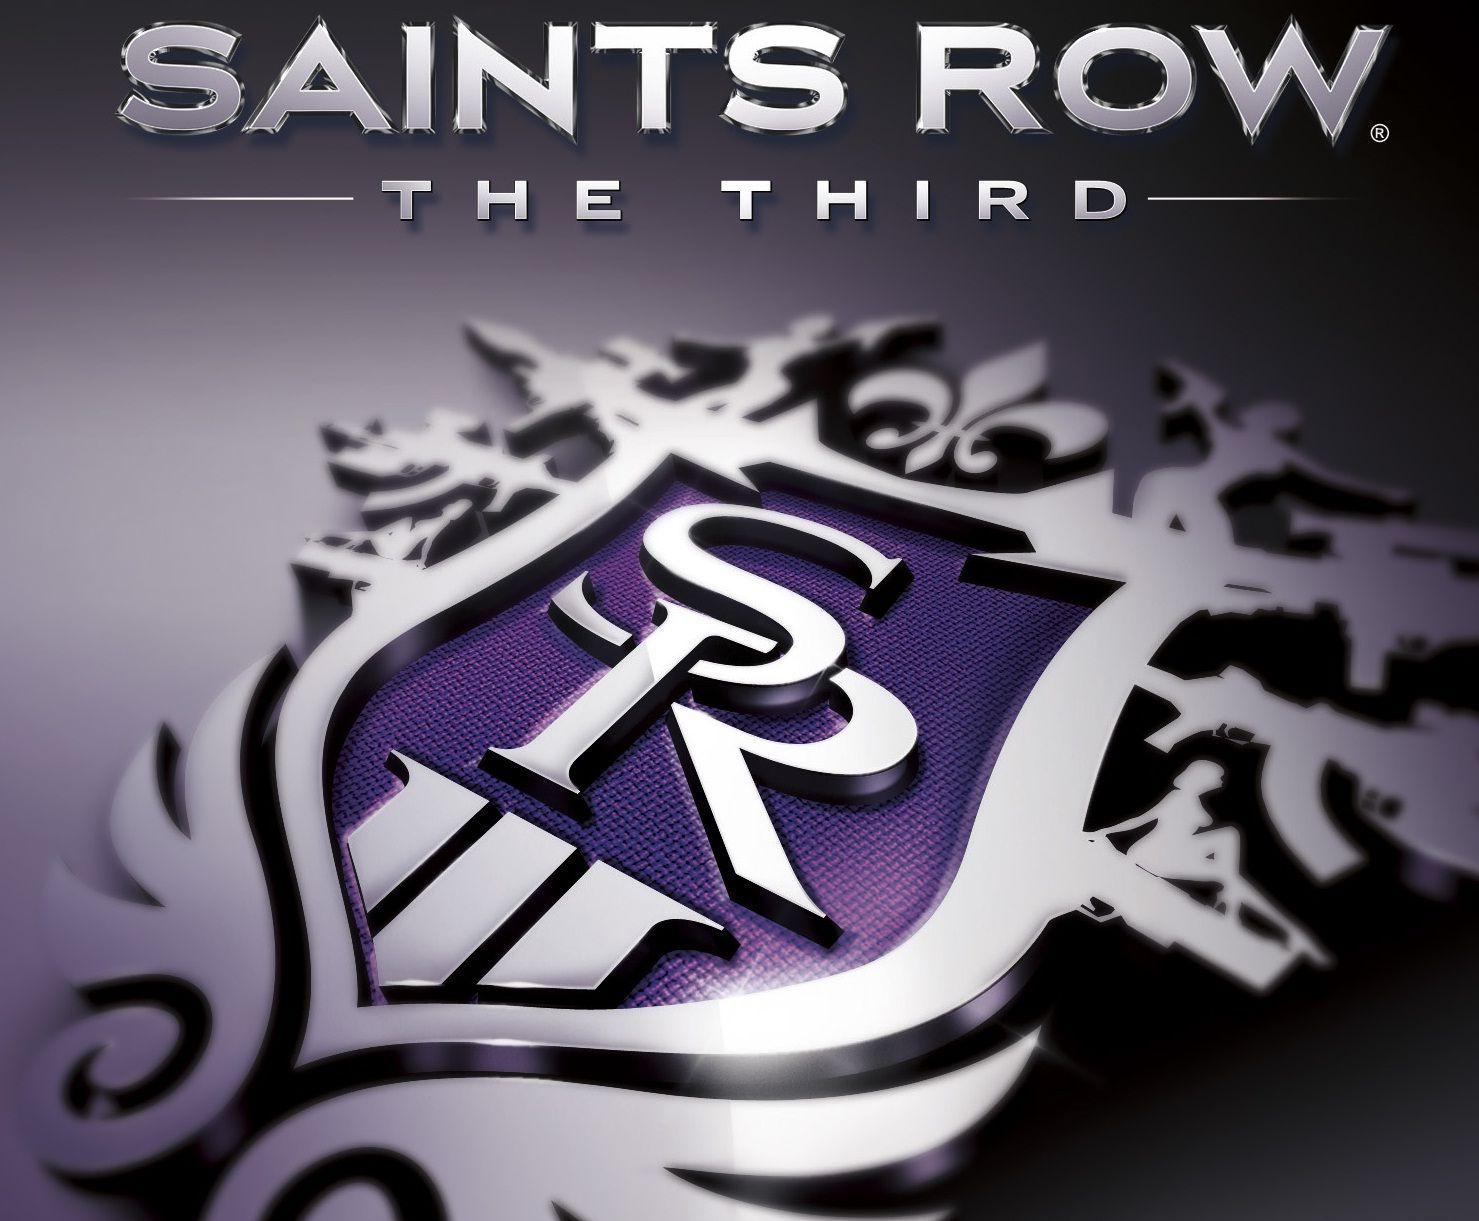 Saints row clipart transparent stock Saints row the third clipart - ClipartFox transparent stock